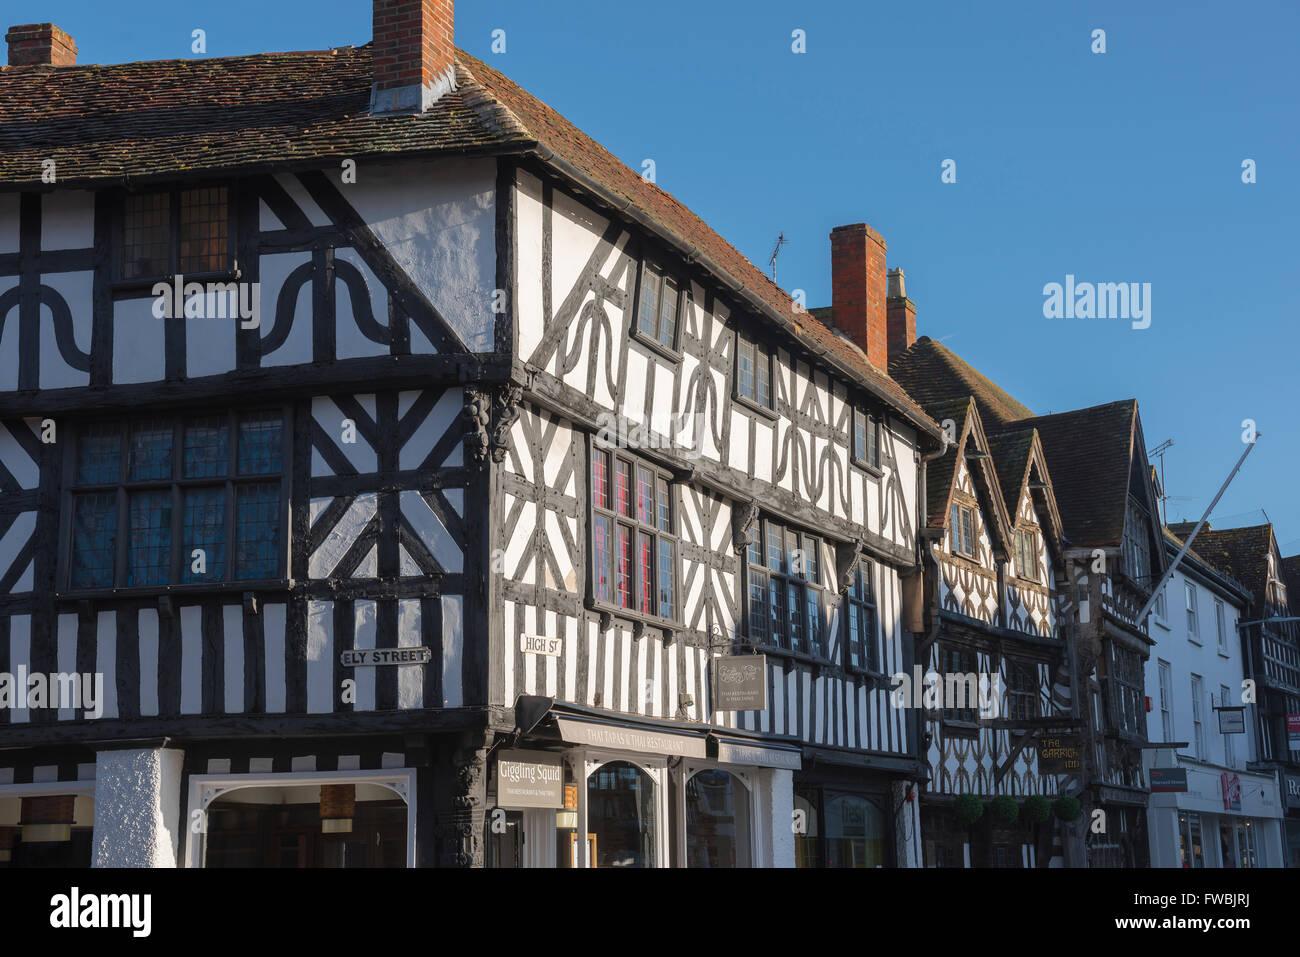 Eine typische mittelalterliche Fachwerk-Gebäude in der High Street, Stratford bei Avon, England. Stockbild